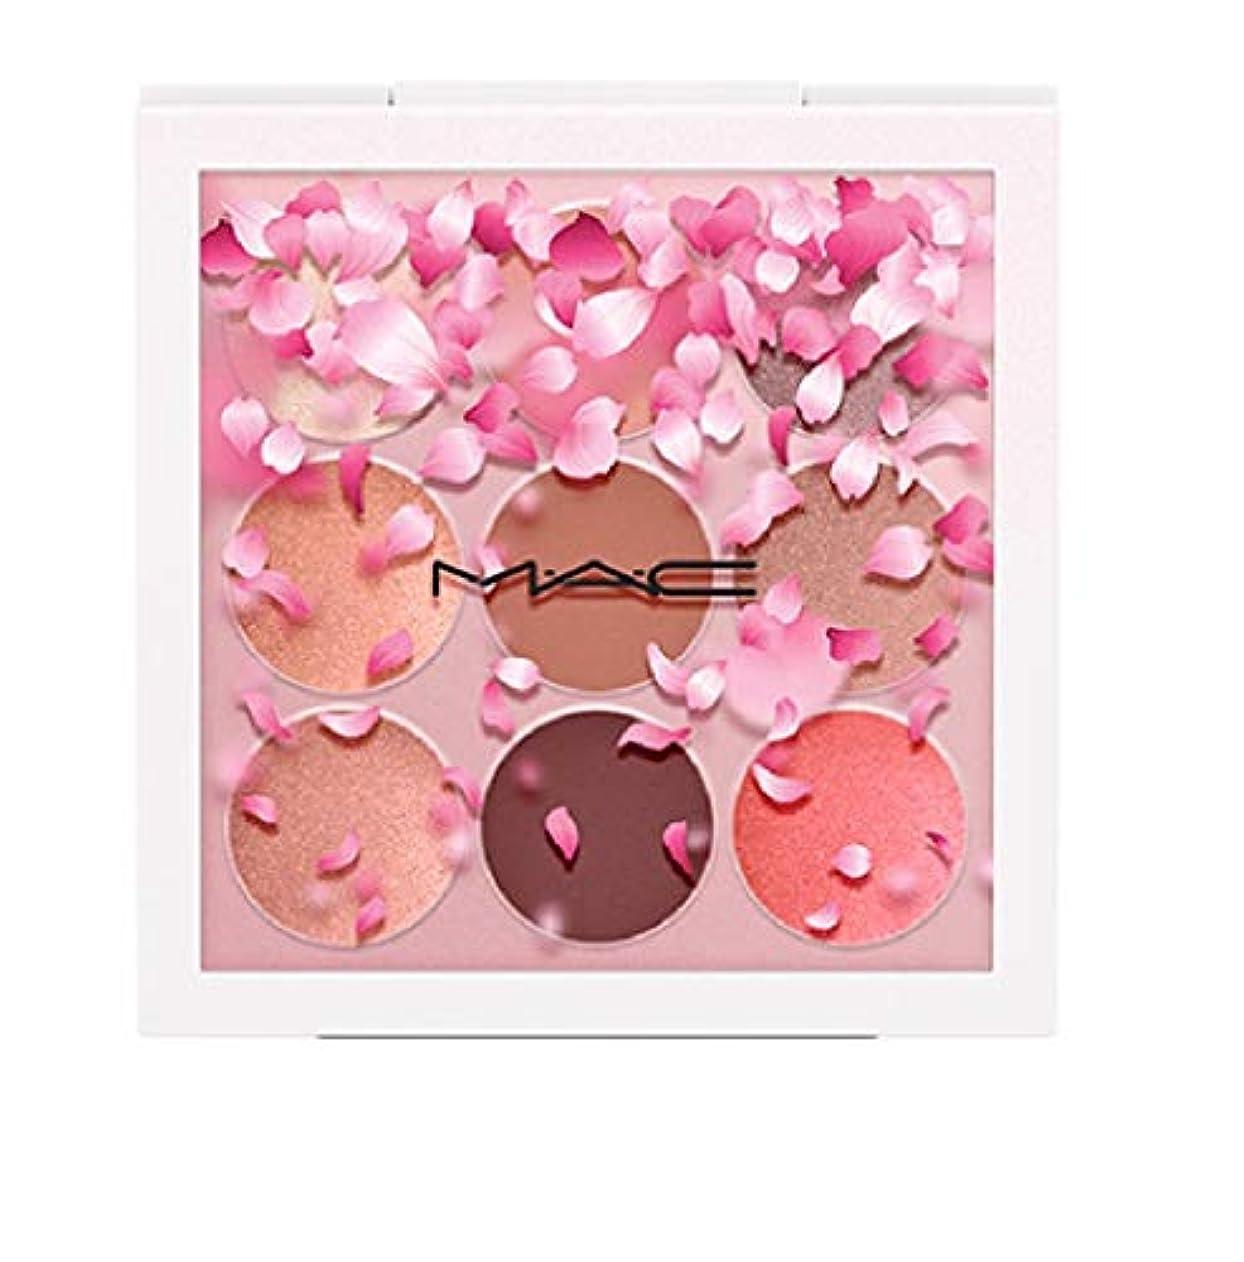 いちゃつくラベルインストラクター【M?A?C(マック)】スモール アイシャドウ × 9(カブキ ドール) 限定 アイシャドウ パレット 桜 BOOM, BOOM, BLOOM